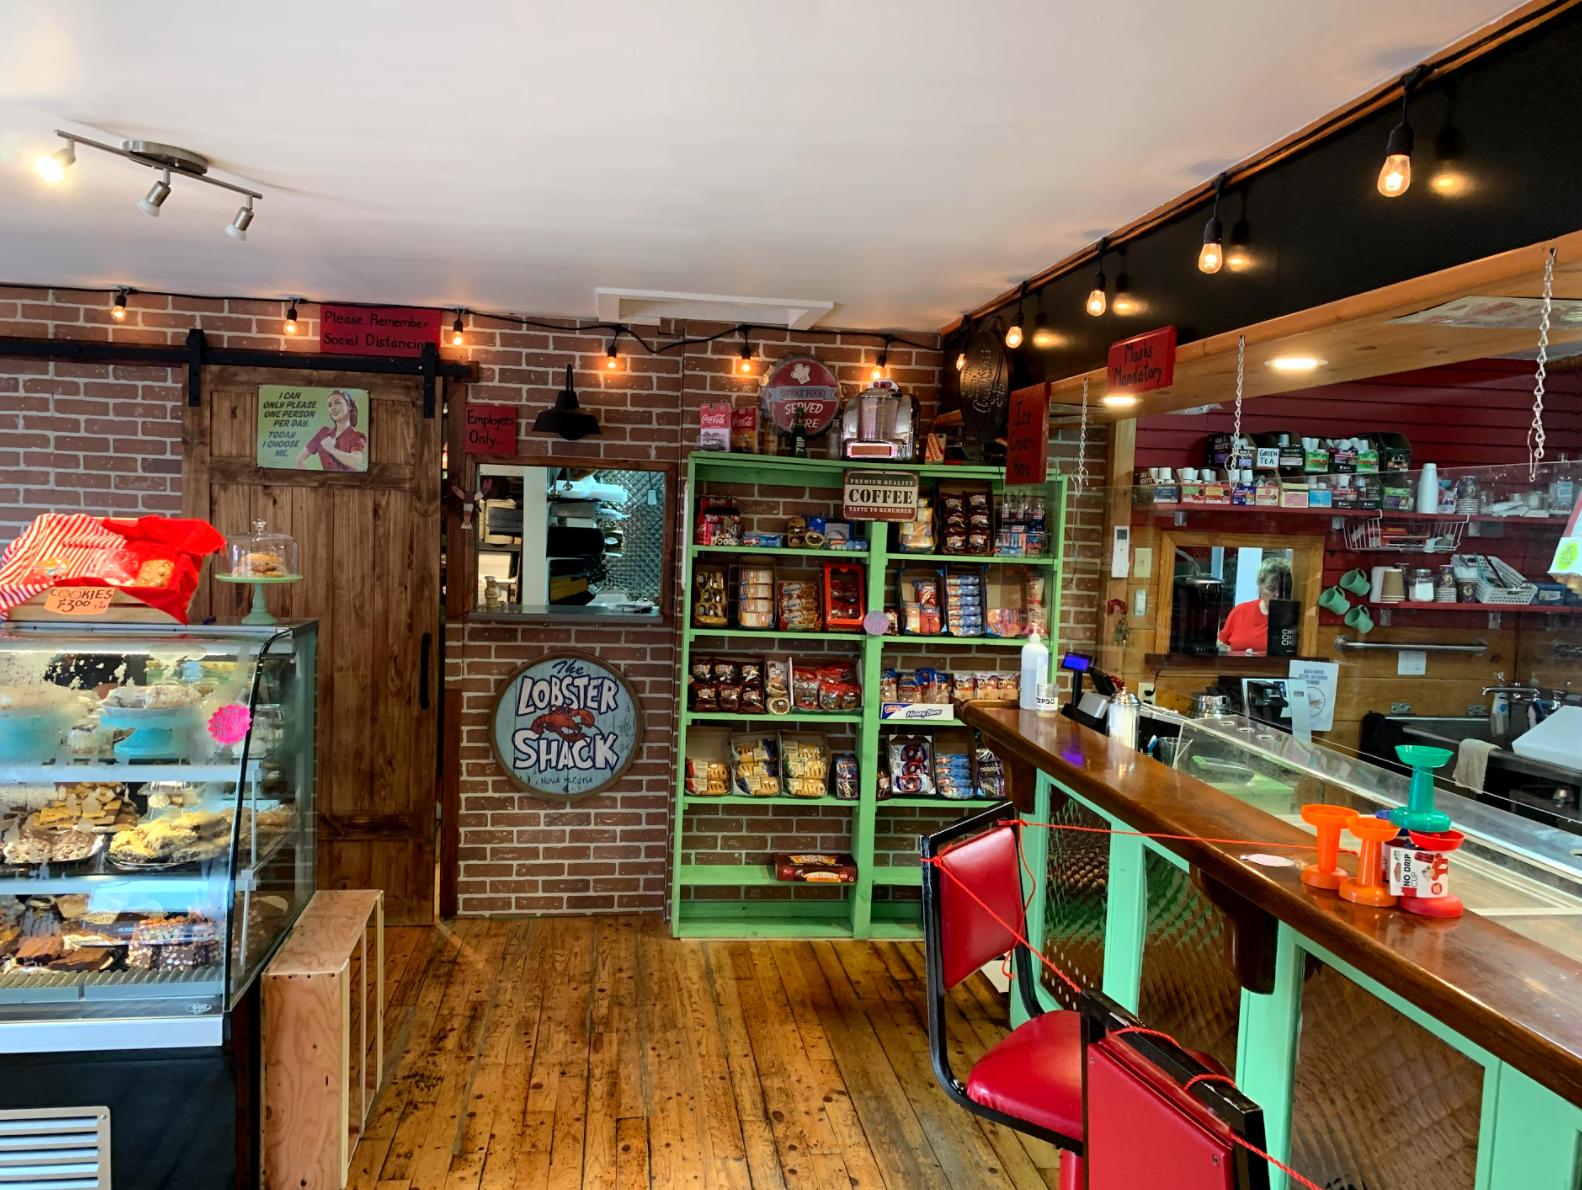 Coastal Cookhouse storefront